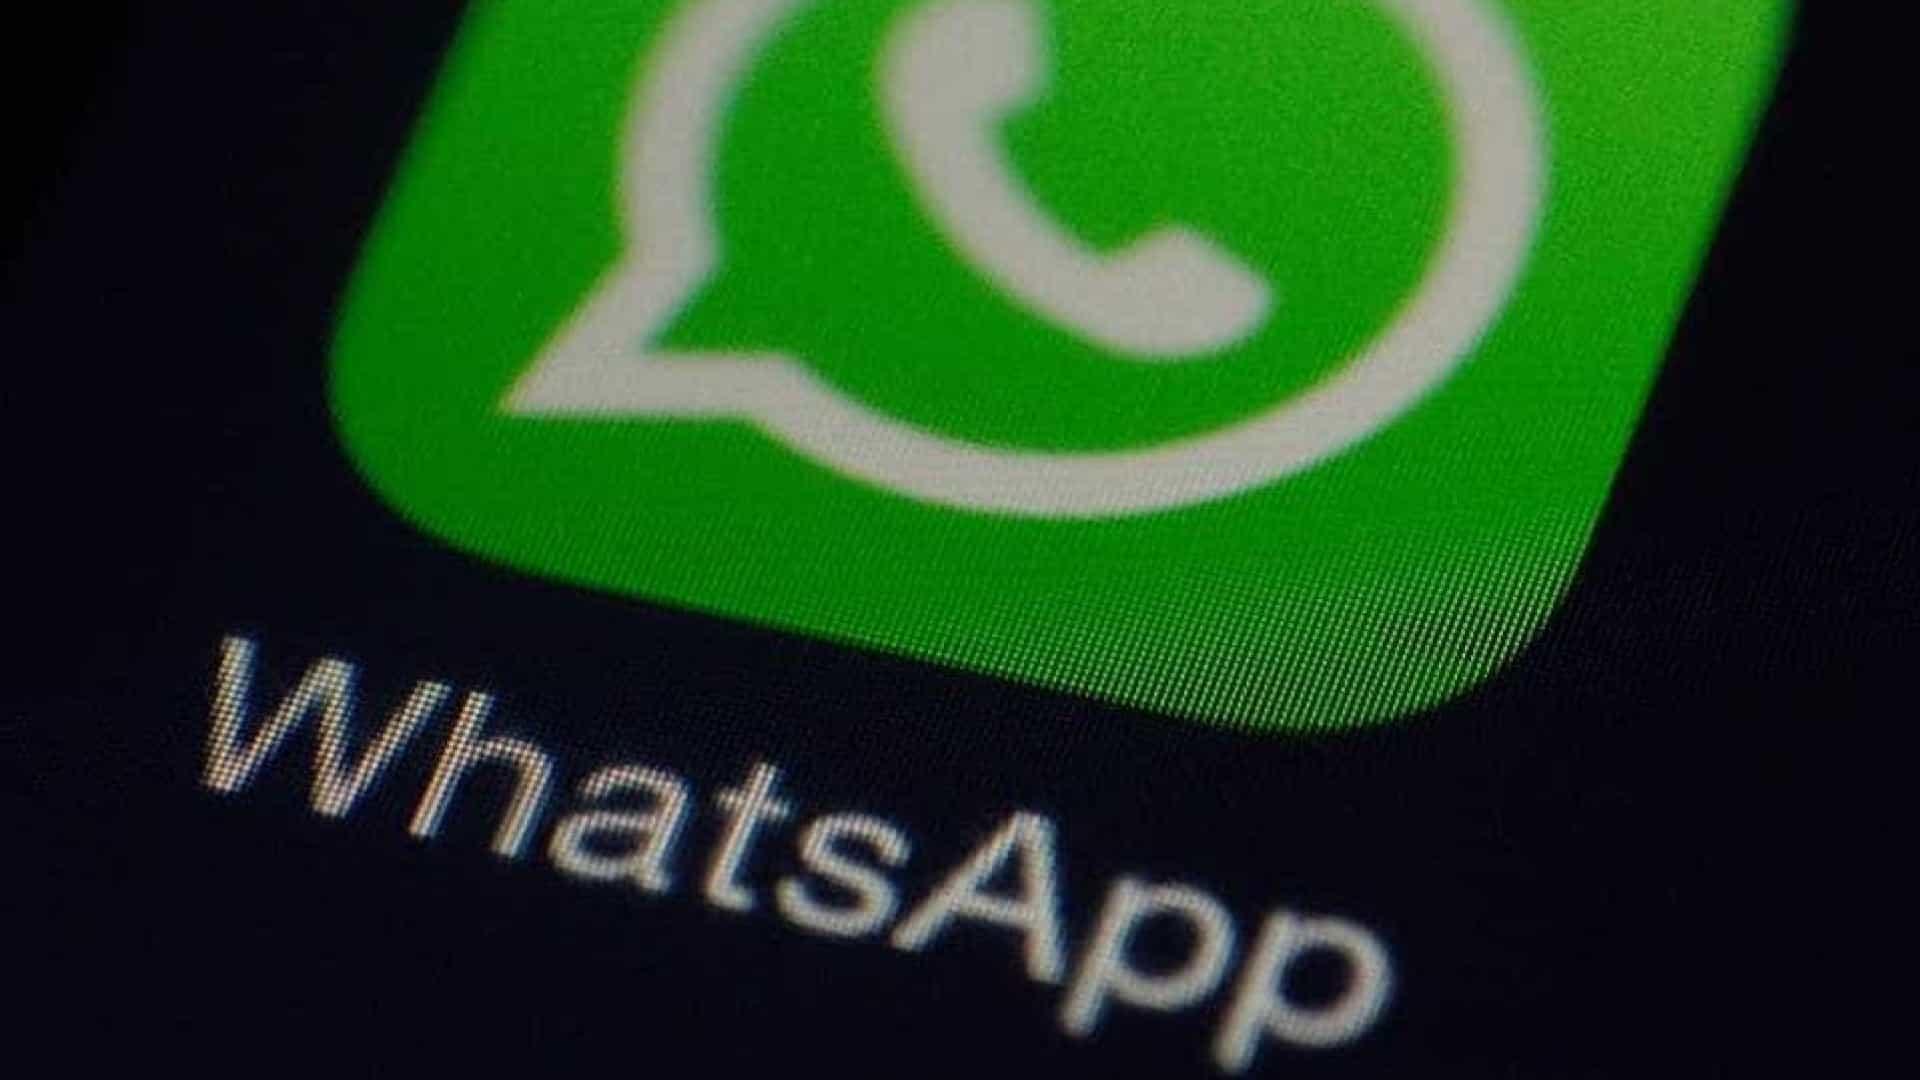 wpp - WhatsApp bane 256 contas por disparos em massa nas campanhas eleitorais